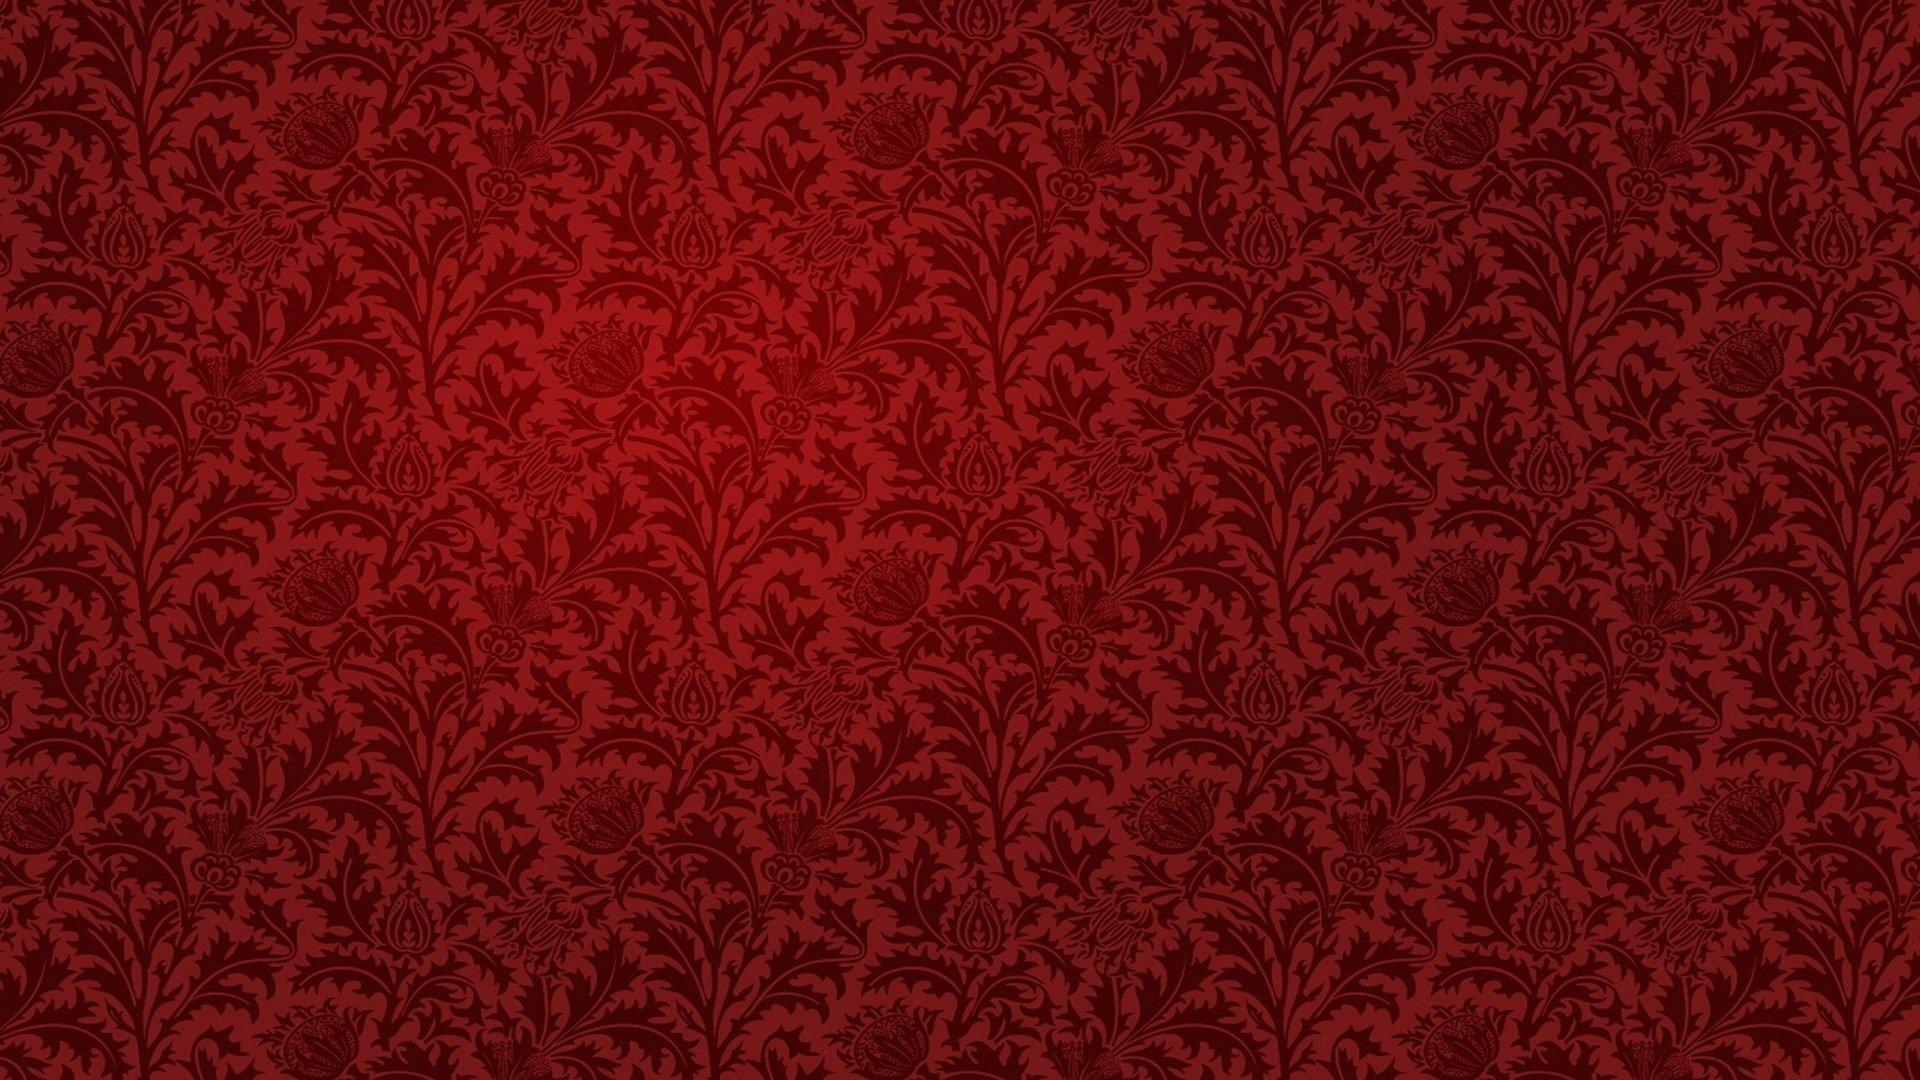 Rosso Hd Wallpaper Sfondi 1920x1080 Id351342 Wallpaper Abyss